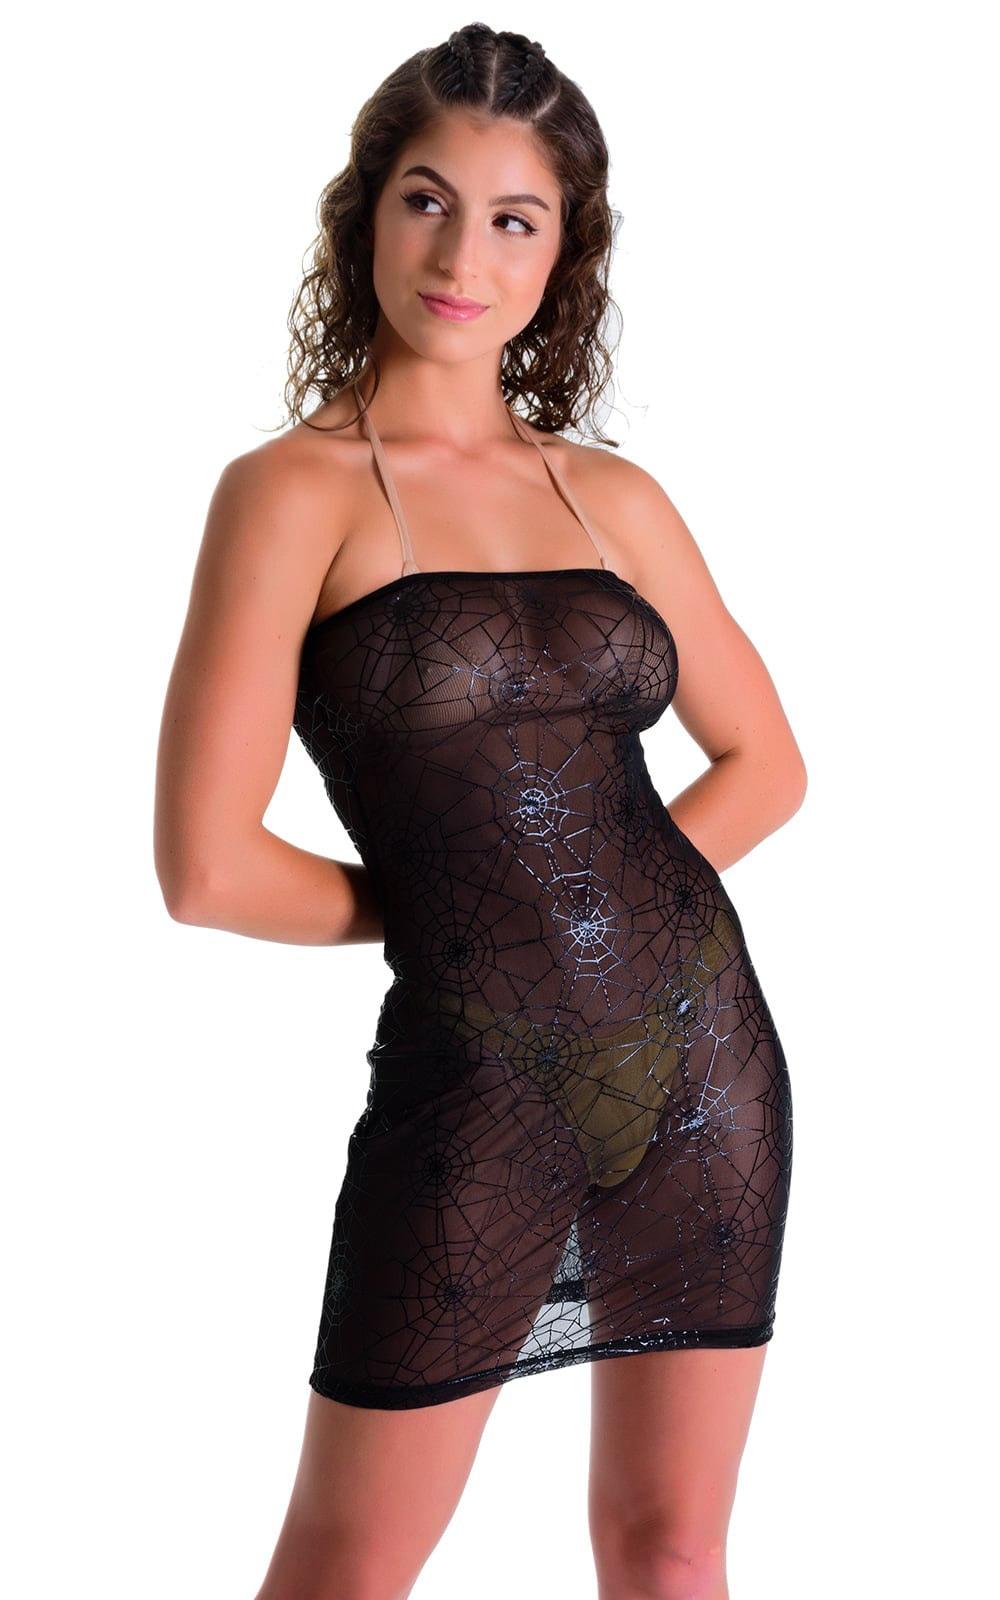 Mini Strapless Bodycon Dress in Black Spiderweb Mesh 3